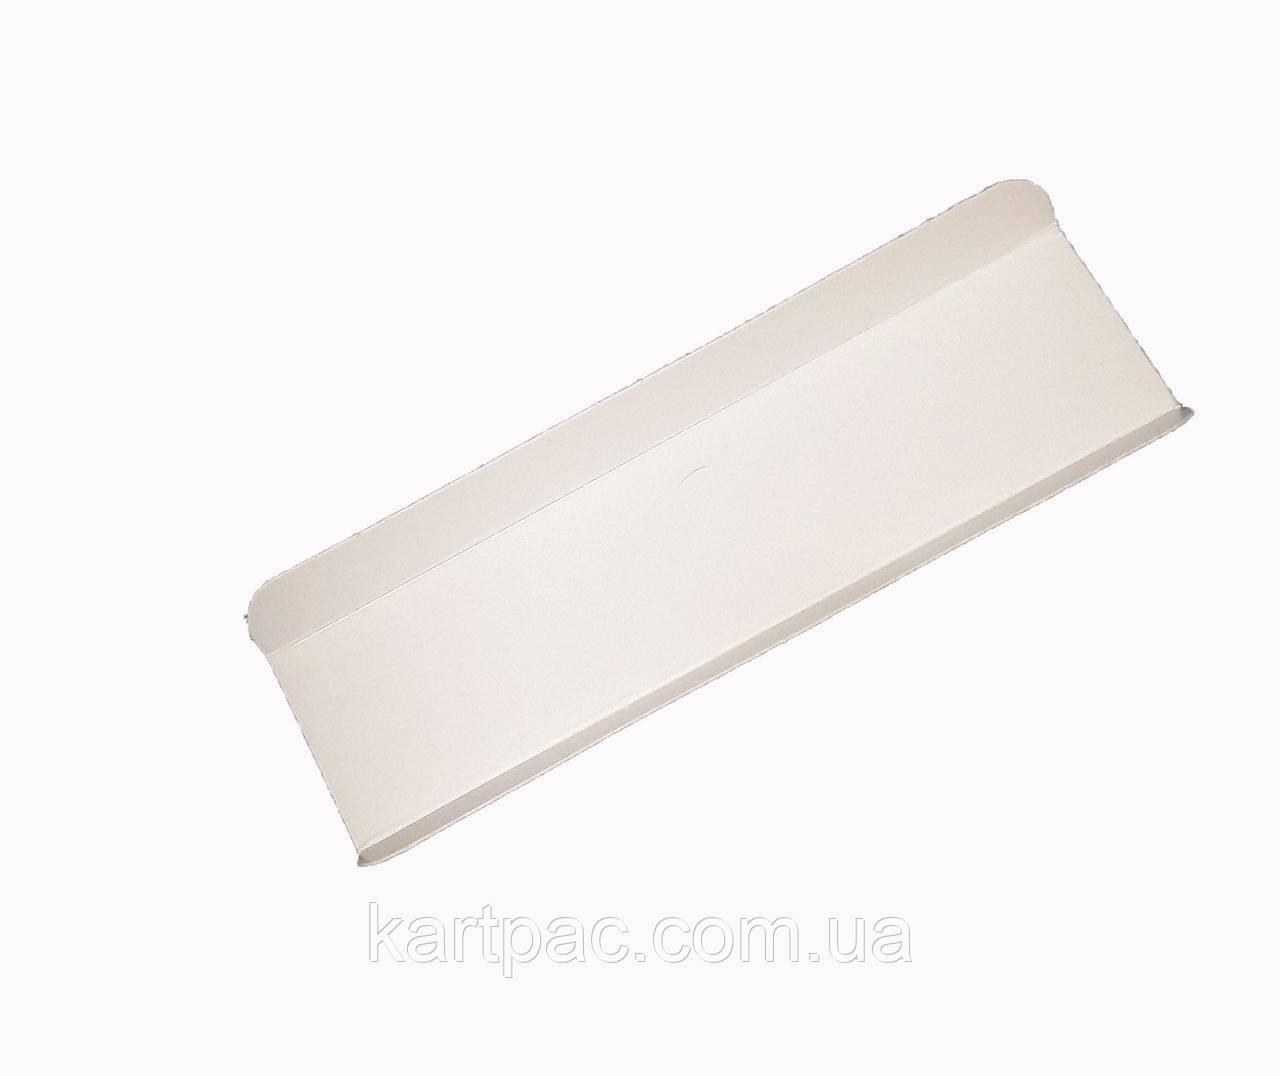 Підставка з бортами під еклери (біла) 160*40